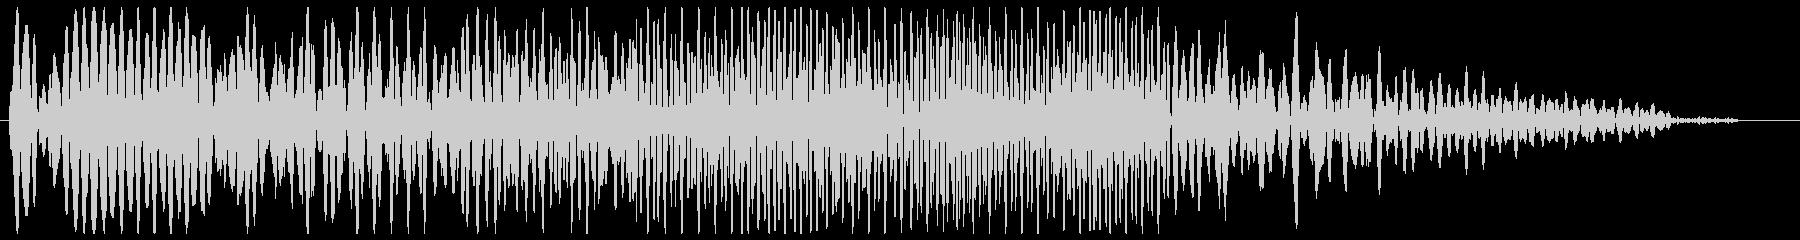 ウィーン (重厚感のある機械音)の未再生の波形